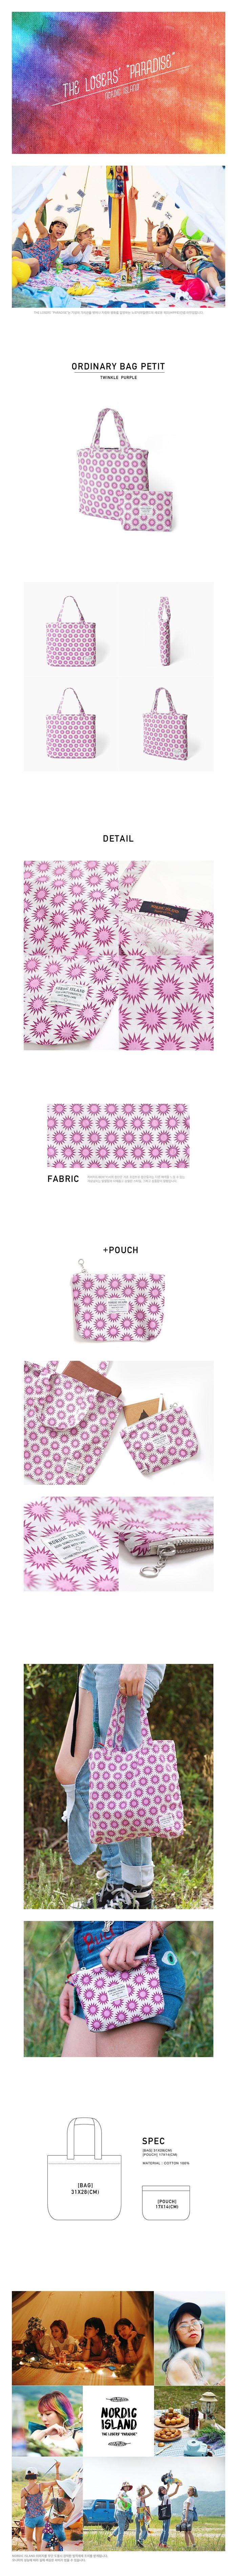 (複製)NORDIC ISLAND   帆布購物袋-Twinkle閃爍 (粉紫)